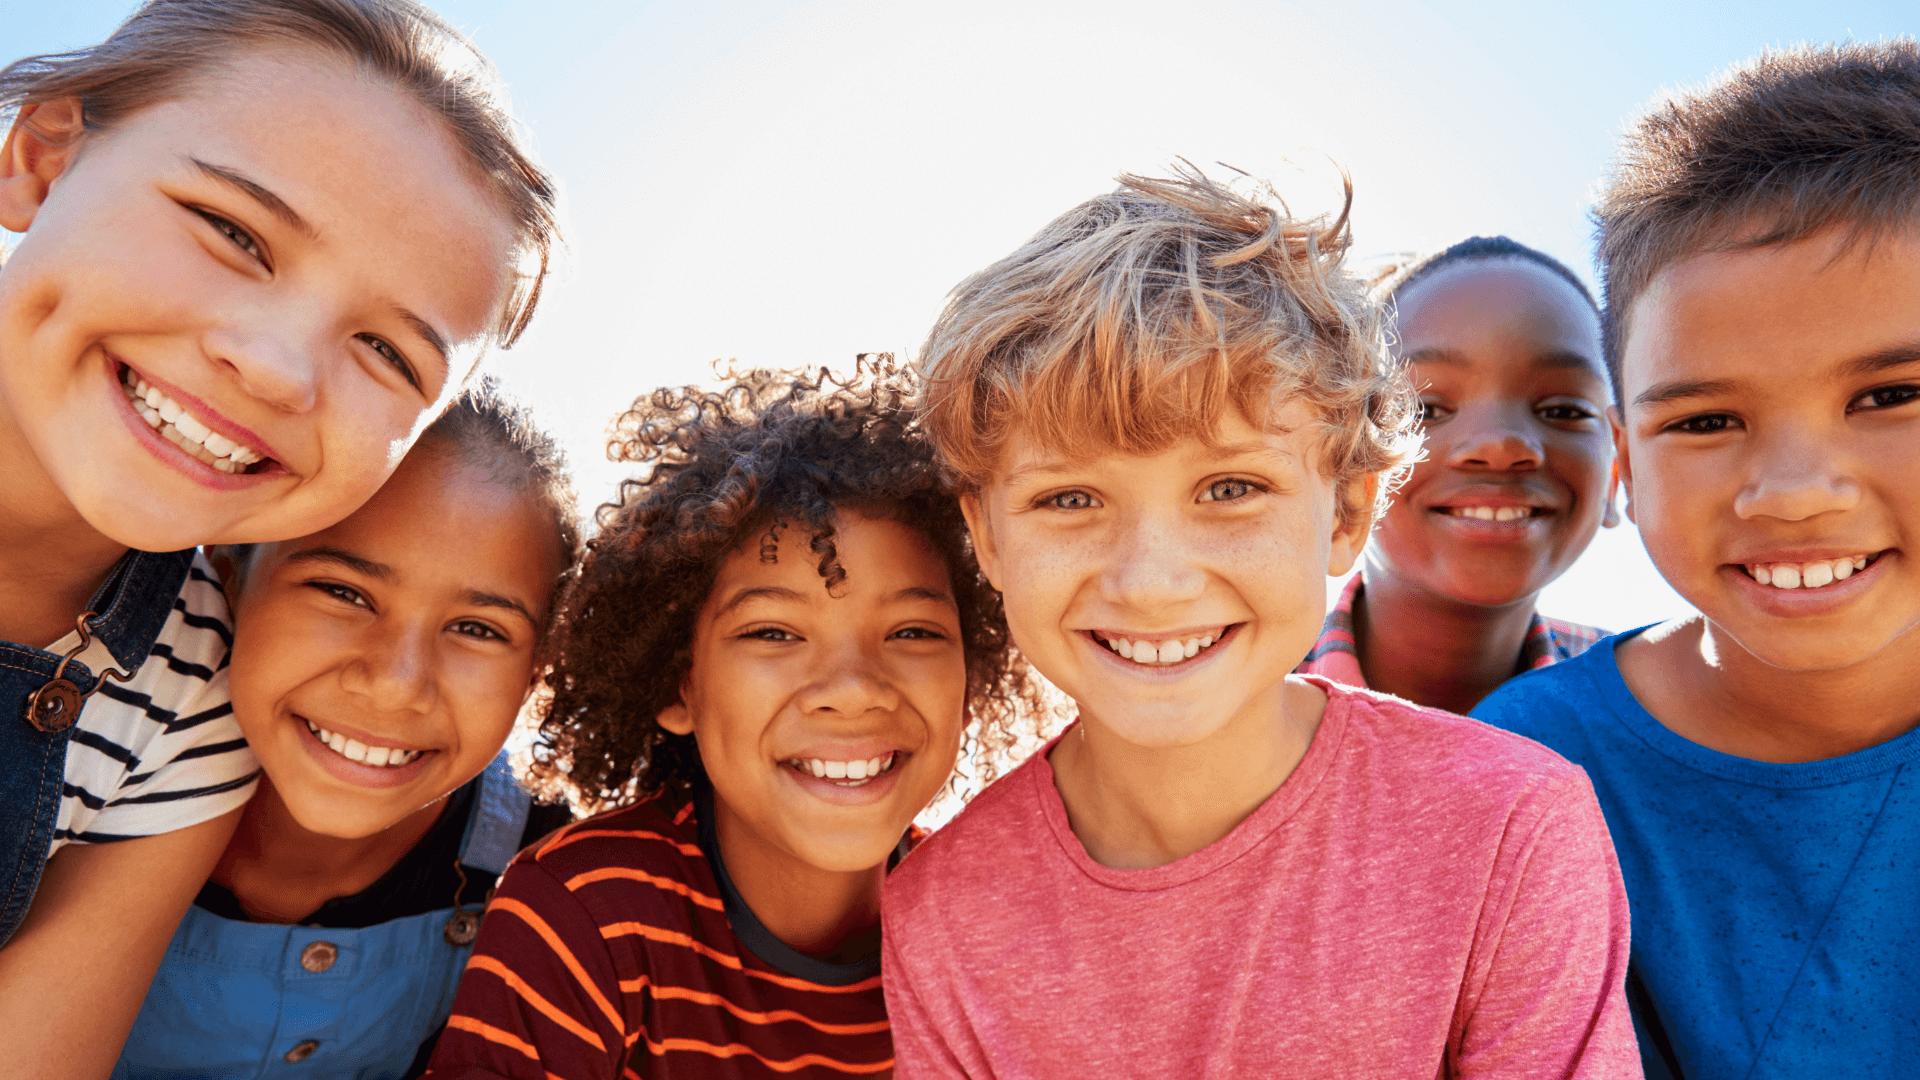 Çocukların Gülümsemesi için Bolca Seçenek